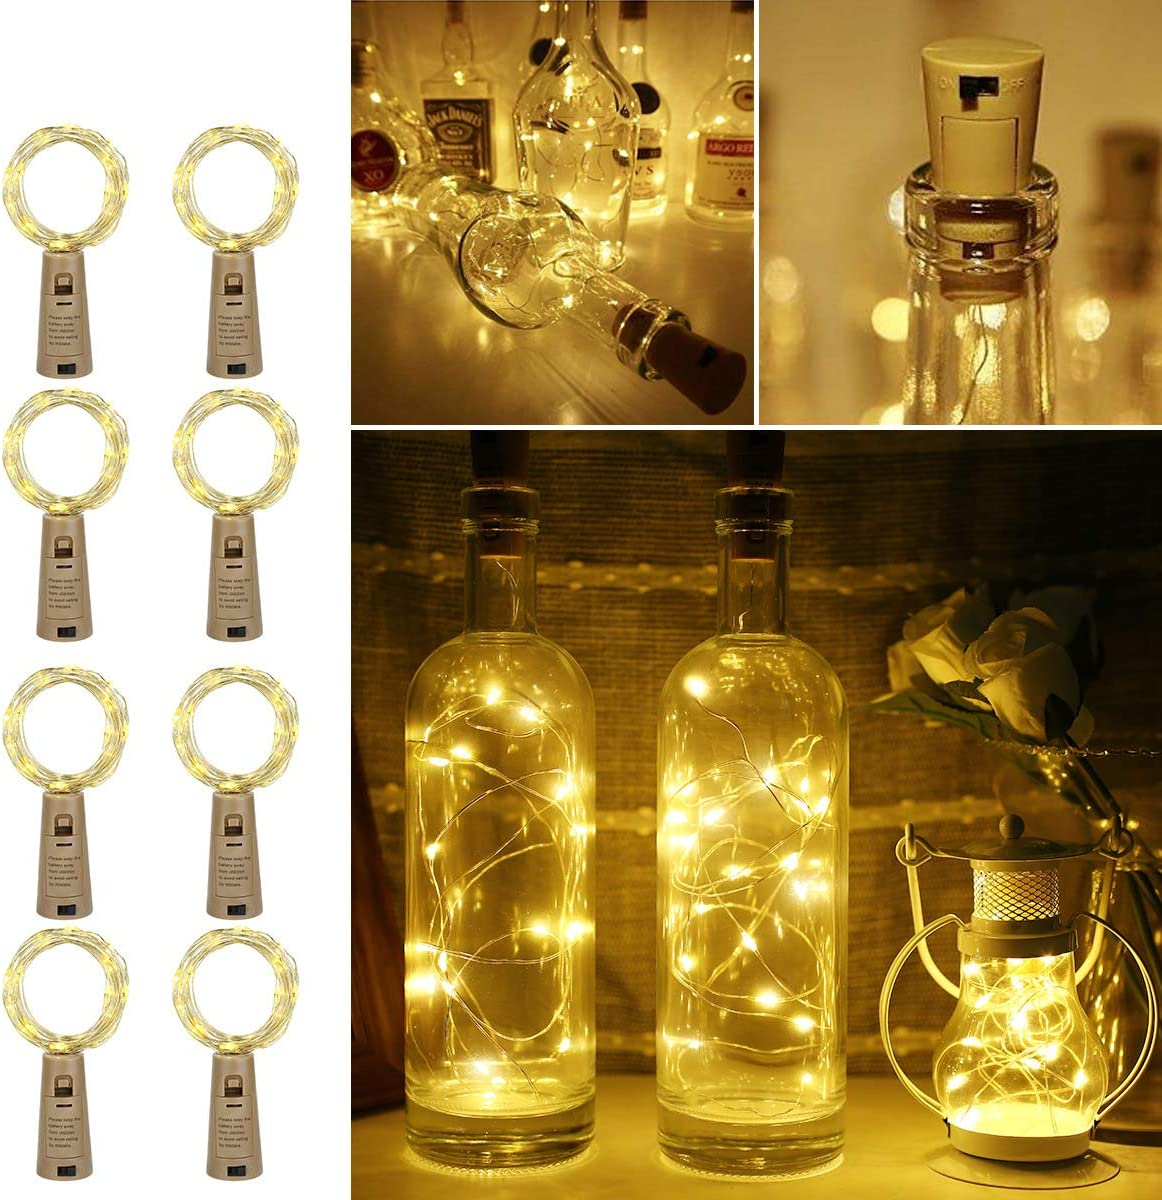 LE 2m 20 LED Luces de Botella de Vino Cobre con Corcho, Pack de 8, a Pilas, Guirnaldas Luces LED Blanco Cálido, Decorativas para Romántico Boda, Navidad, Fiesta, Hogar, Exterior, Jardín